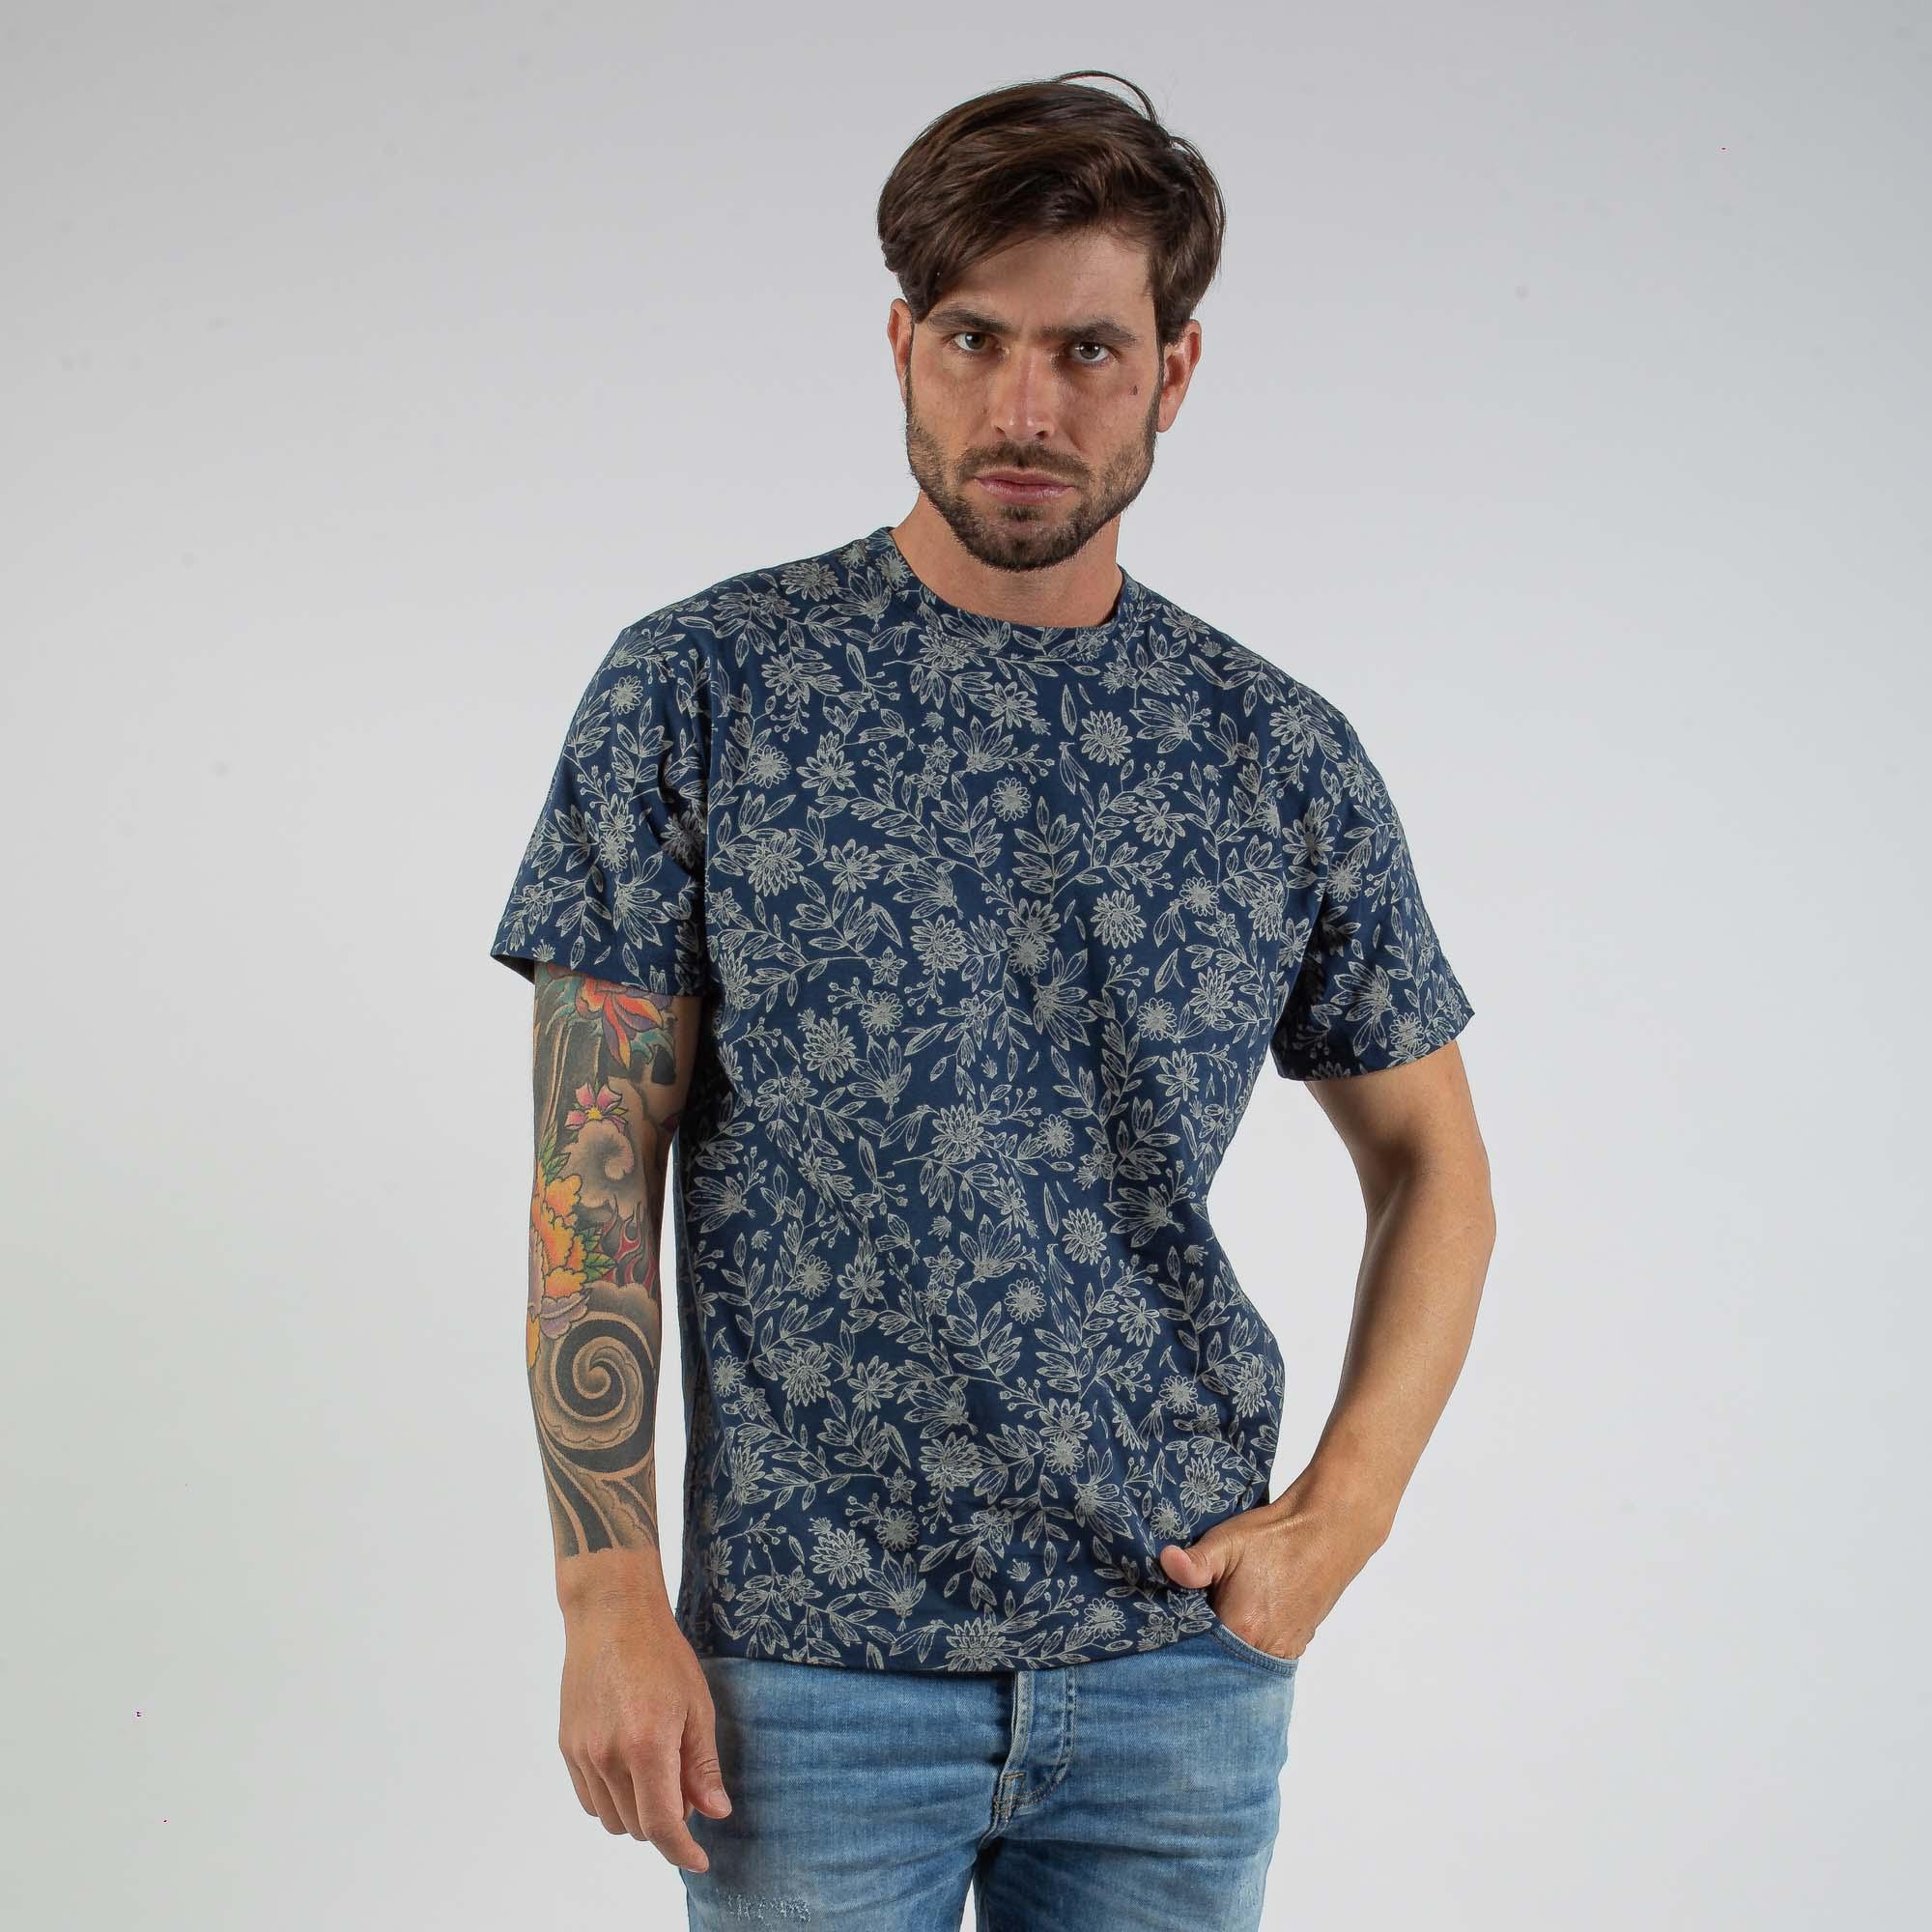 Camiseta Masculina Azul Escuro Estampa Floral